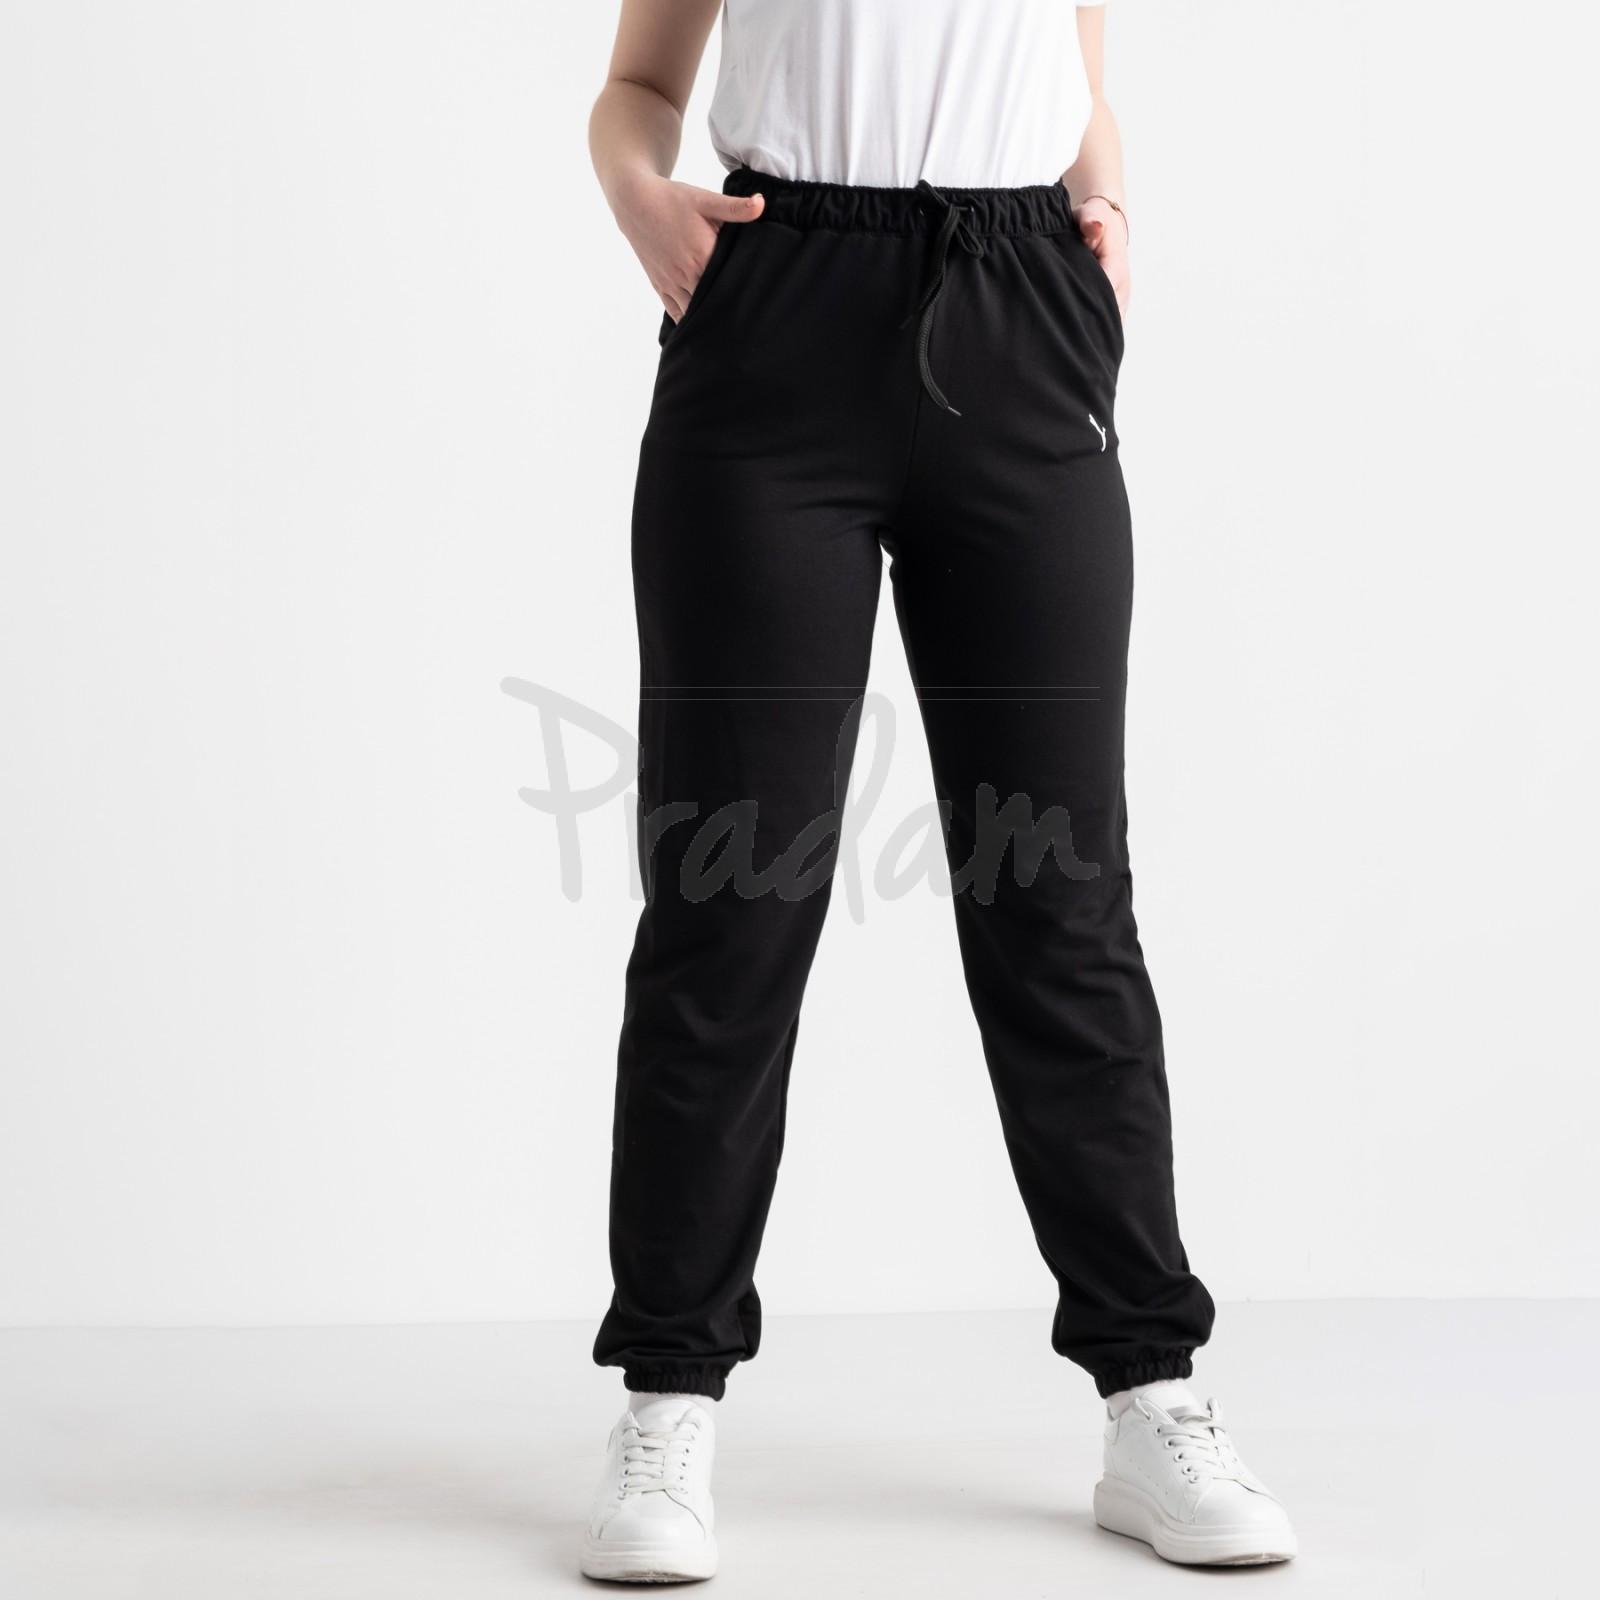 14870-1 Mishely брюки женские батальные спортивные черные стрейчевые (4 ед. размеры: 50.52.54.56)